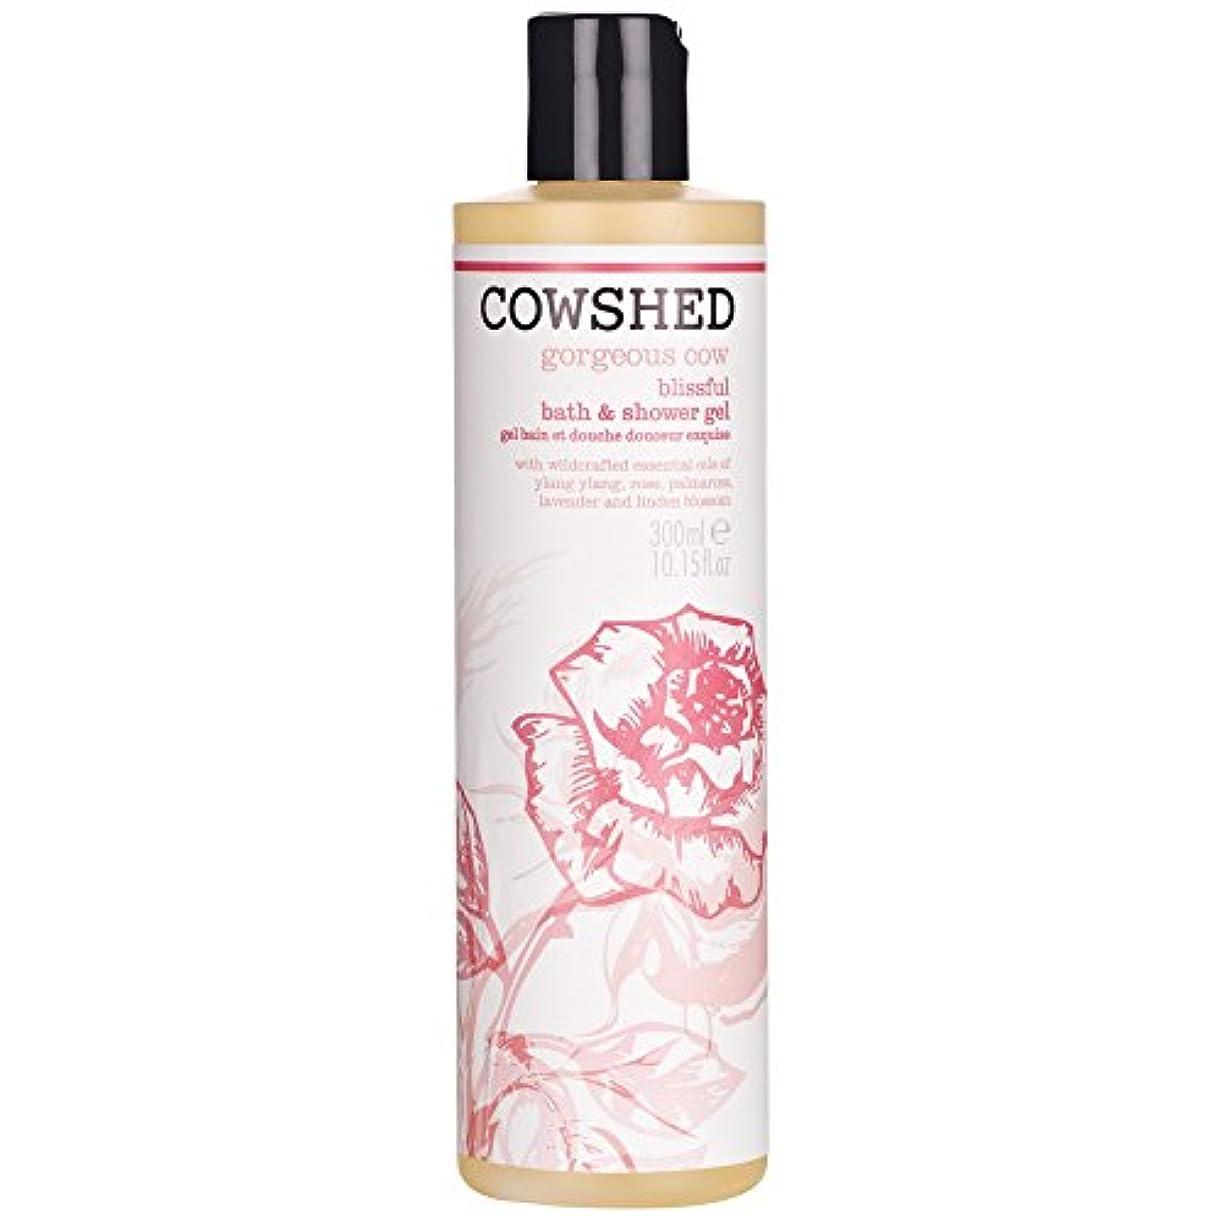 そばにマトントムオードリース牛舎ゴージャスな牛のバス&シャワージェル300ミリリットル (Cowshed) - Cowshed Gorgeous Cow Bath & Shower Gel 300ml [並行輸入品]